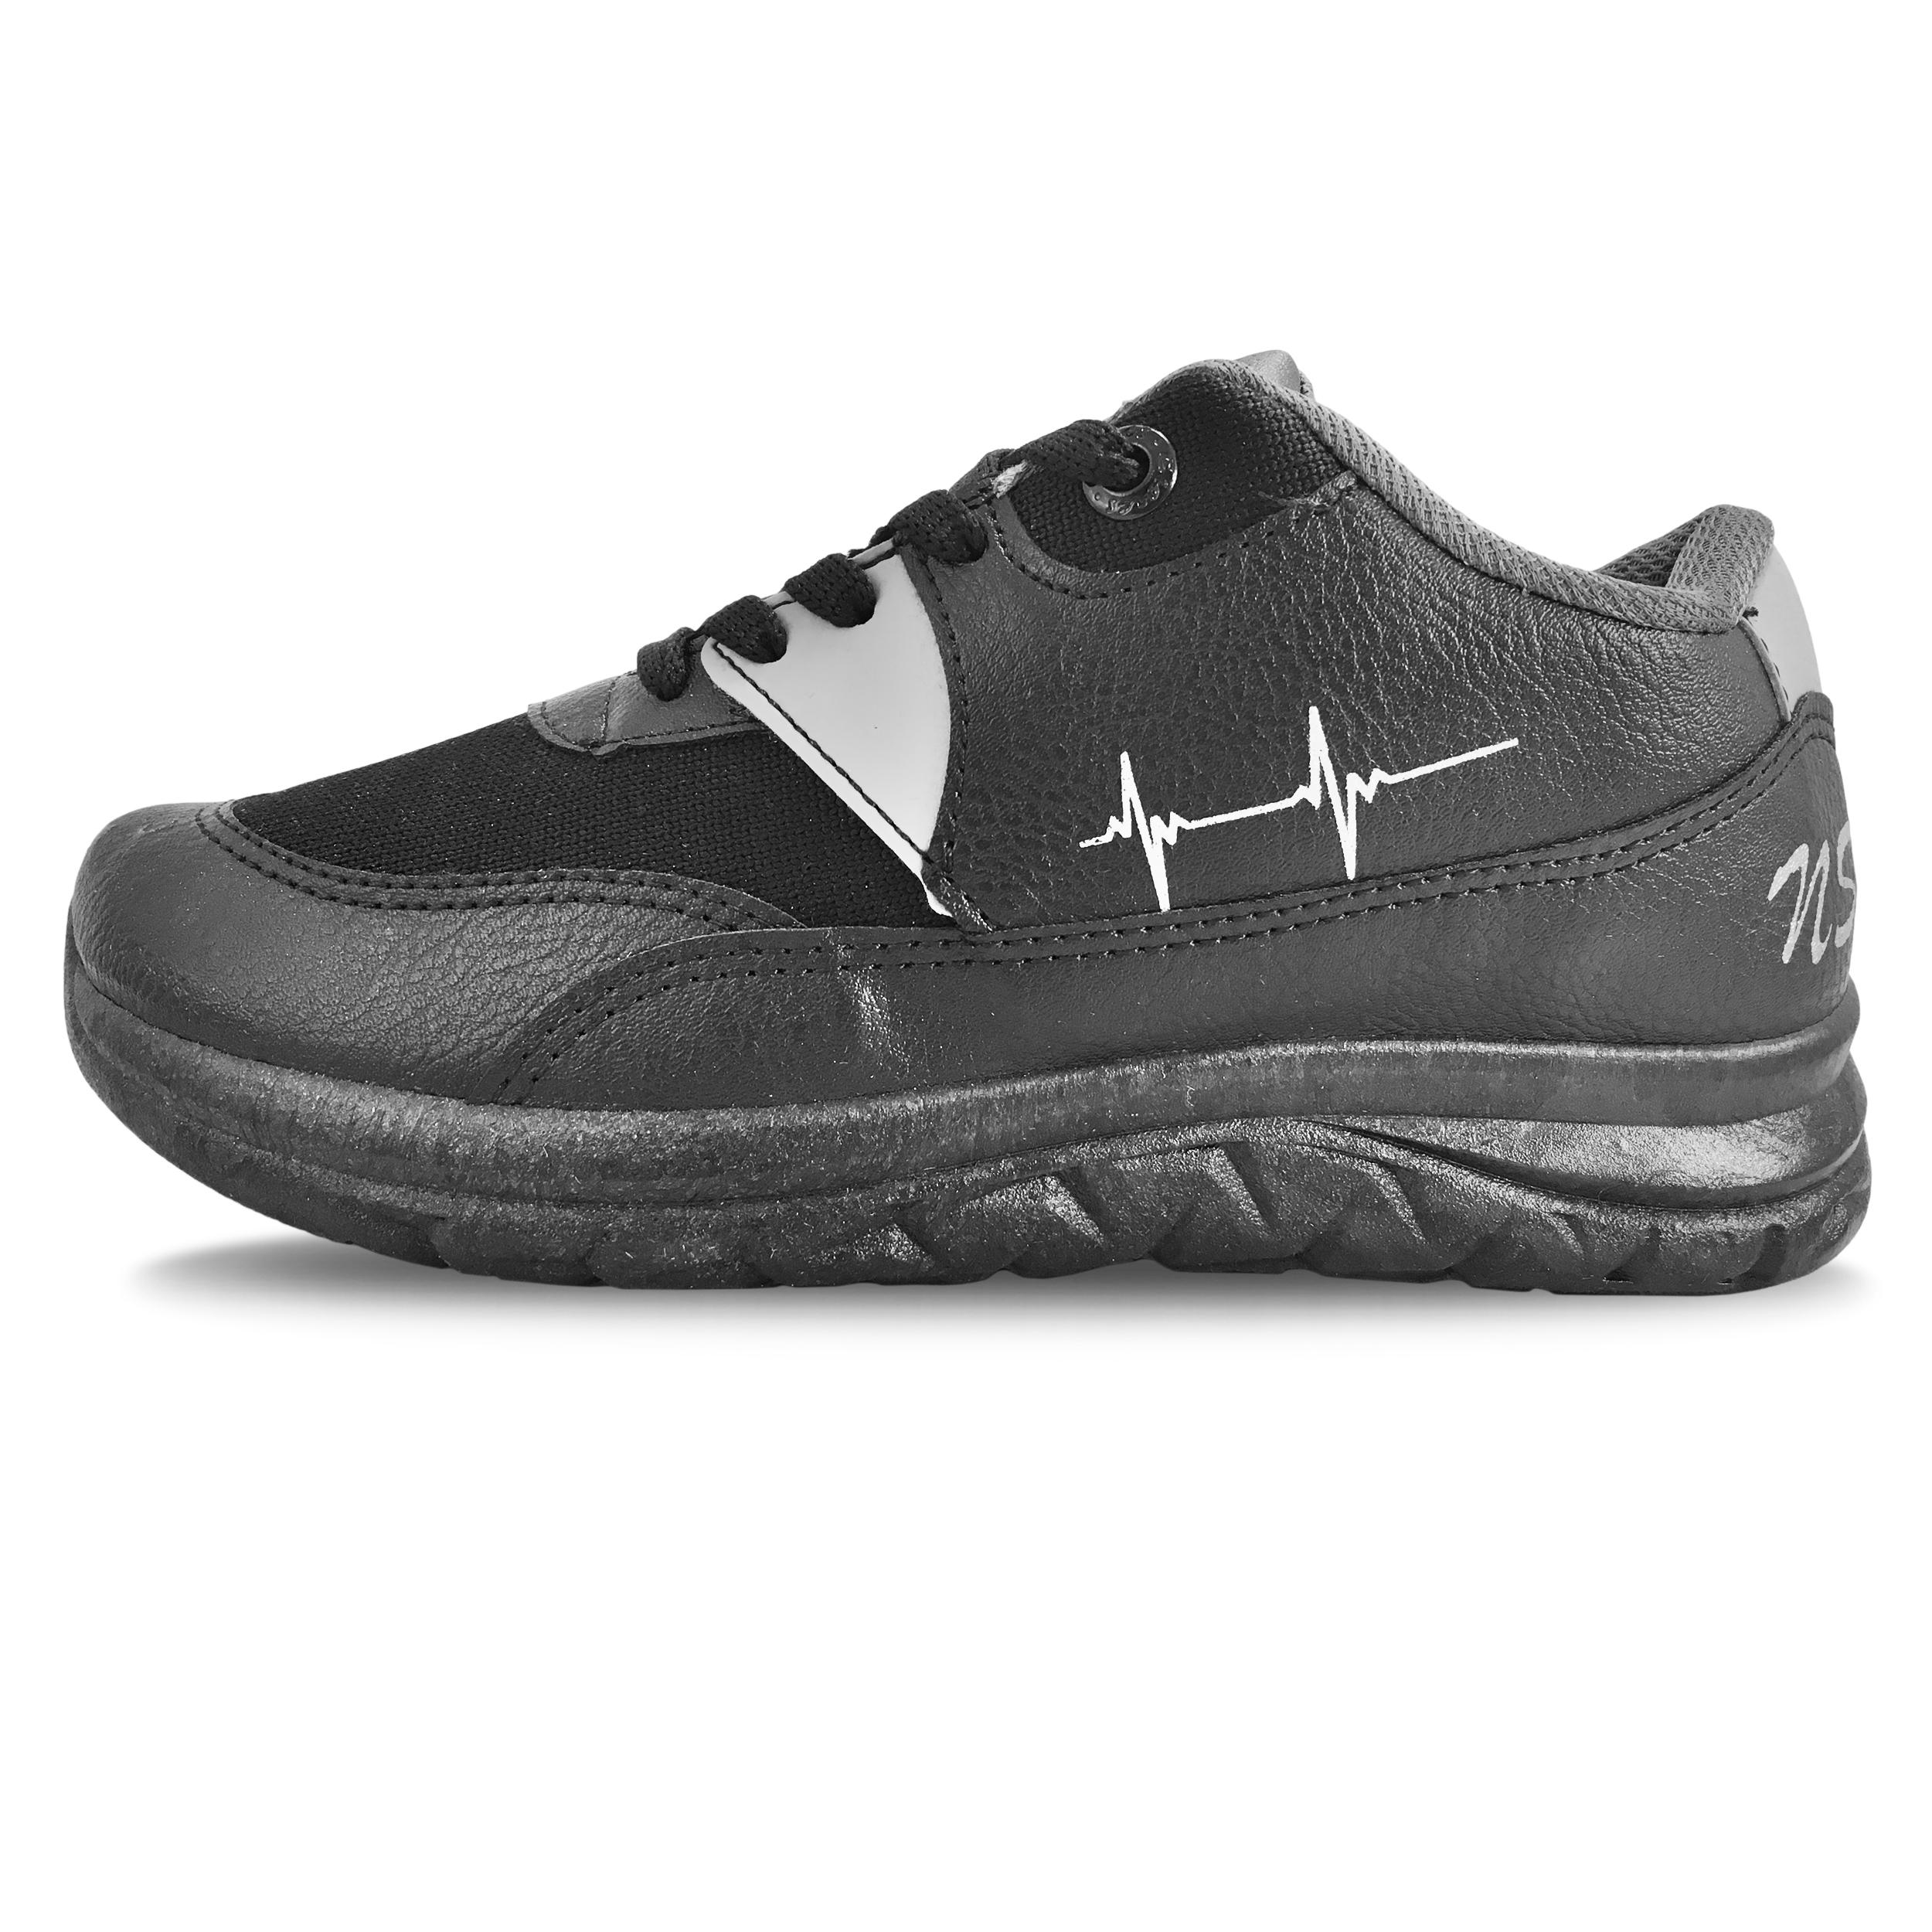 کفش مخصوص پیاده روی زنانه نسیم مدل بورسا کد 3950